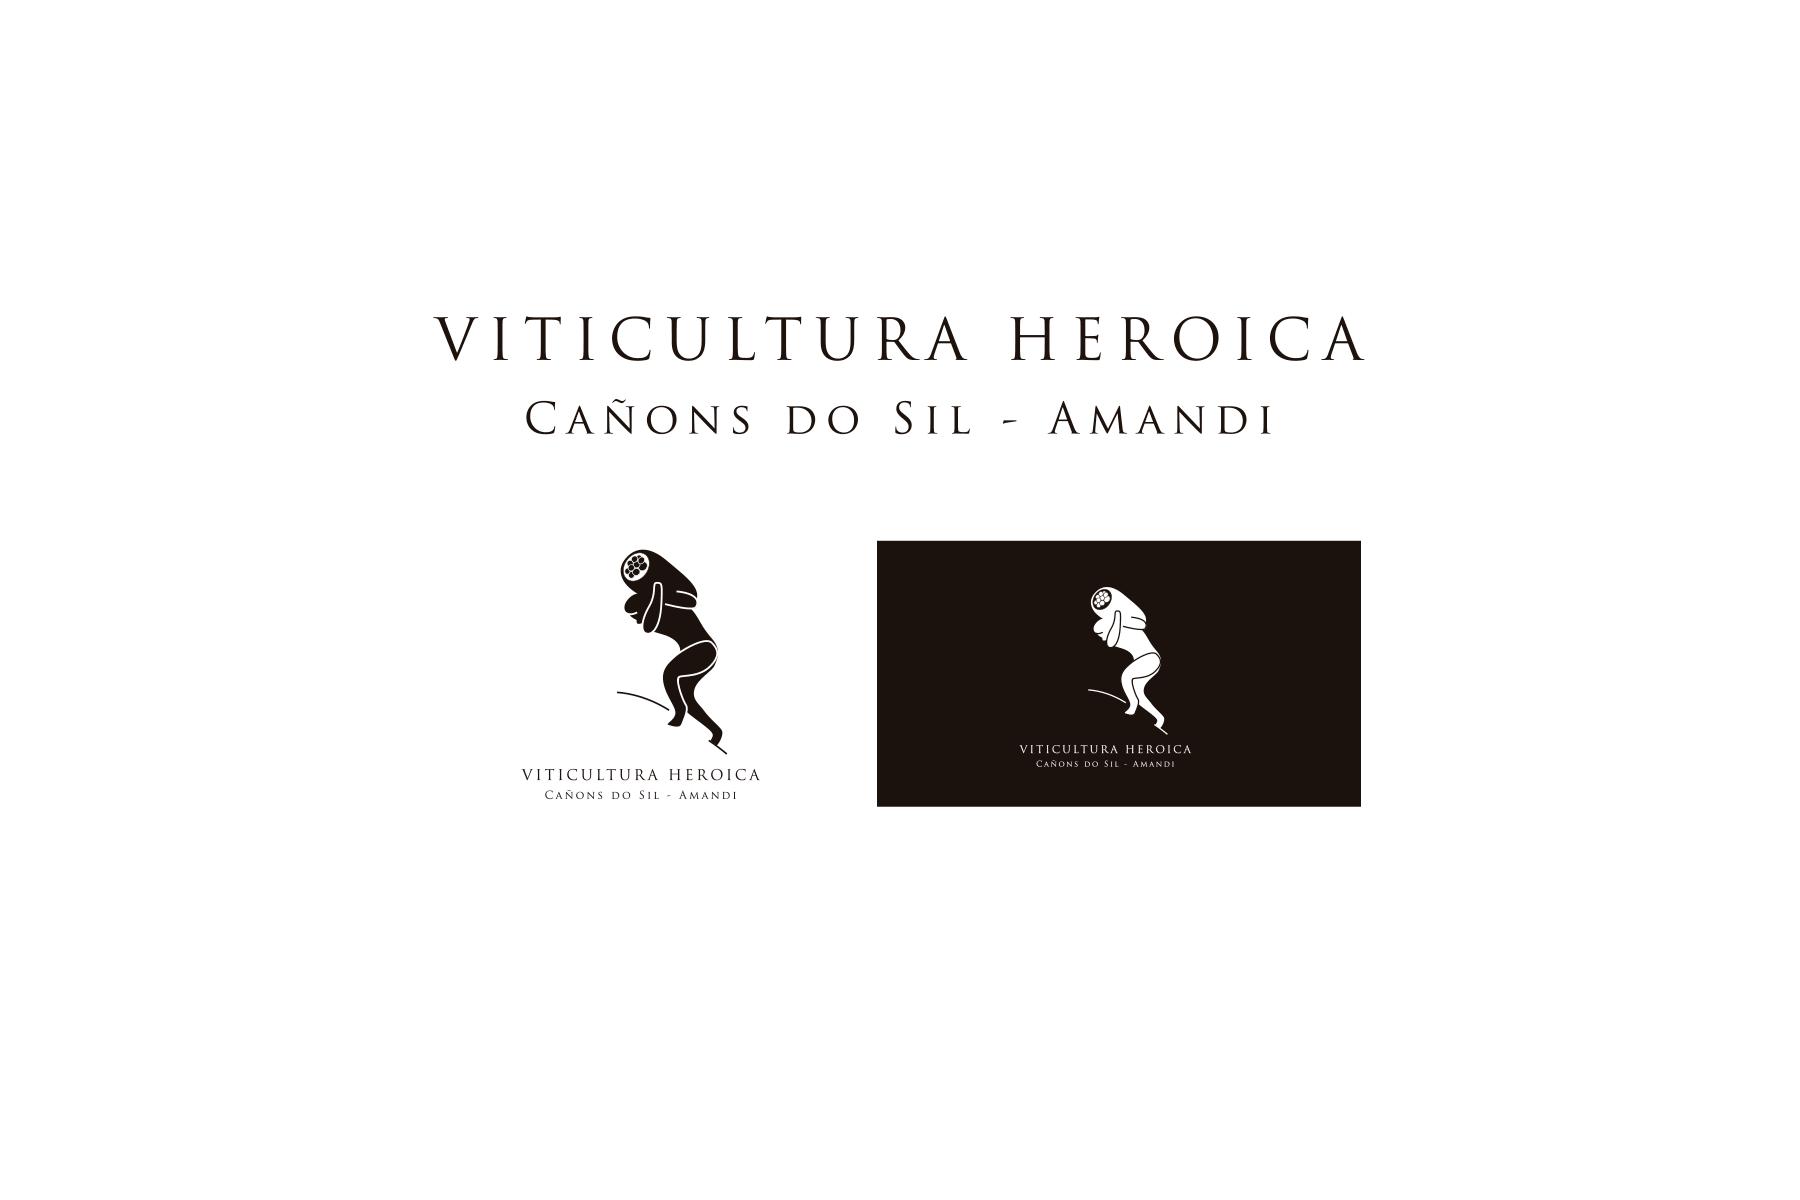 Viticultura Heróica; Cañóns do Sil Amandi. Presentación logotipo e imagotipos en positivo y negativo